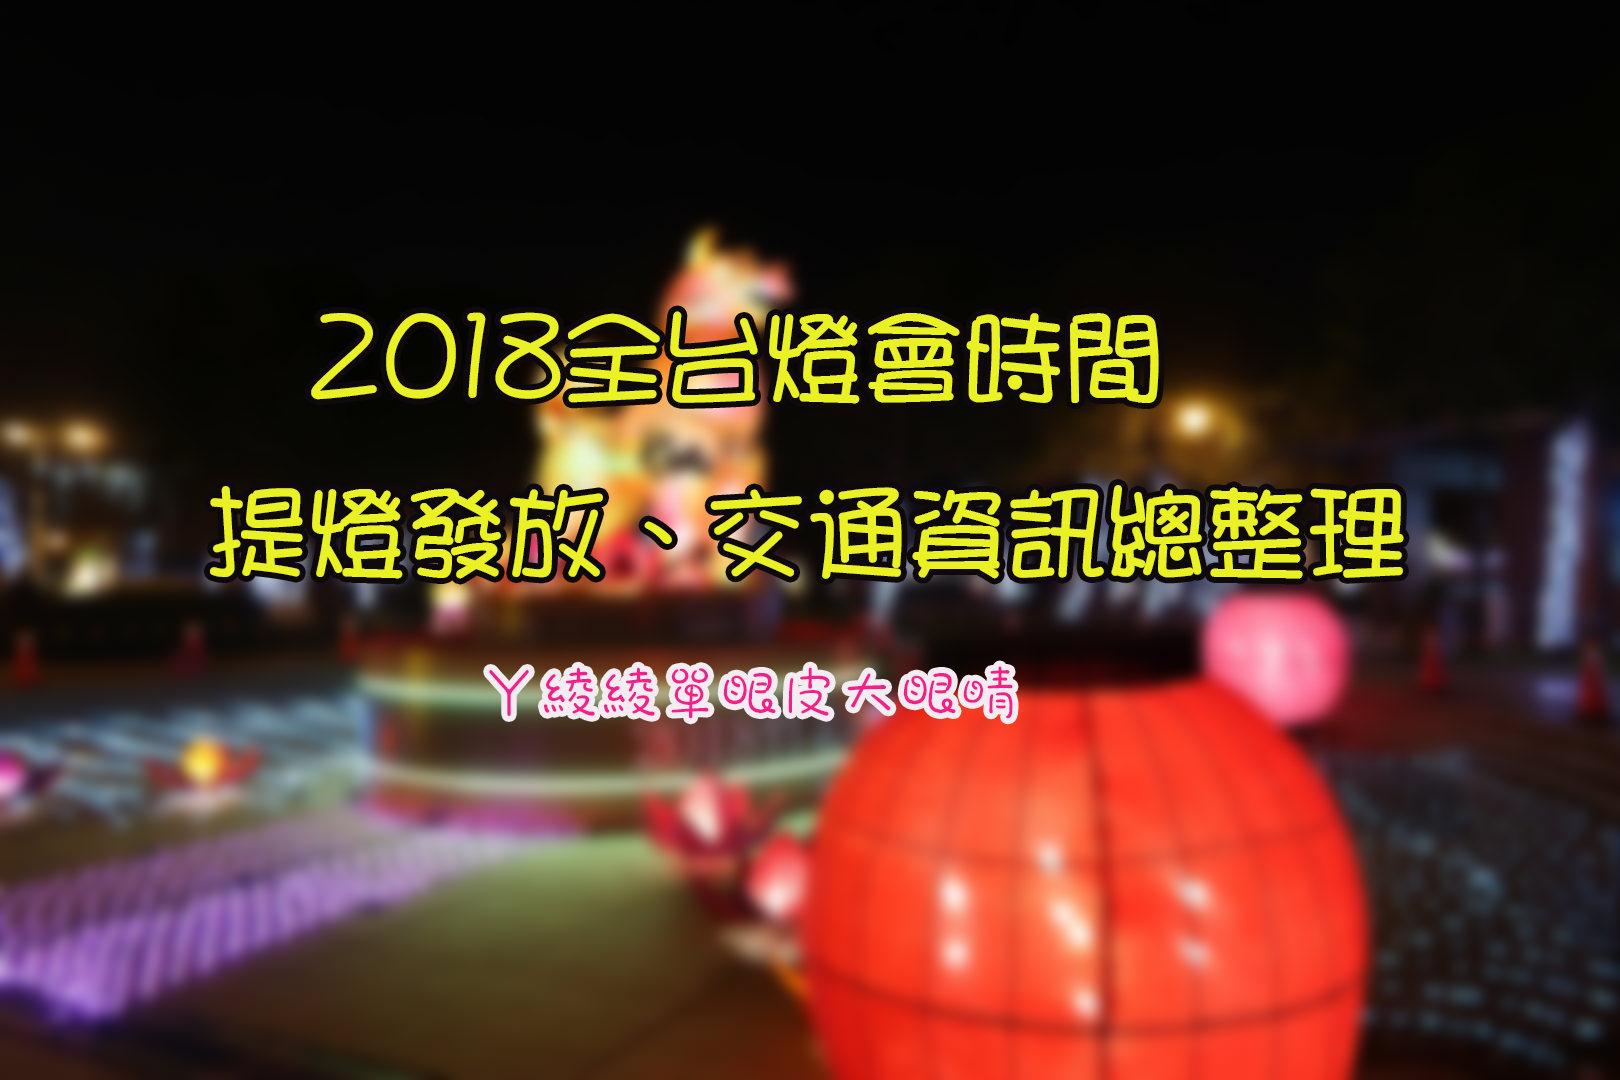 2018全台燈會時間!元宵節燈會日期時間|地點|交通資訊|小提燈發放